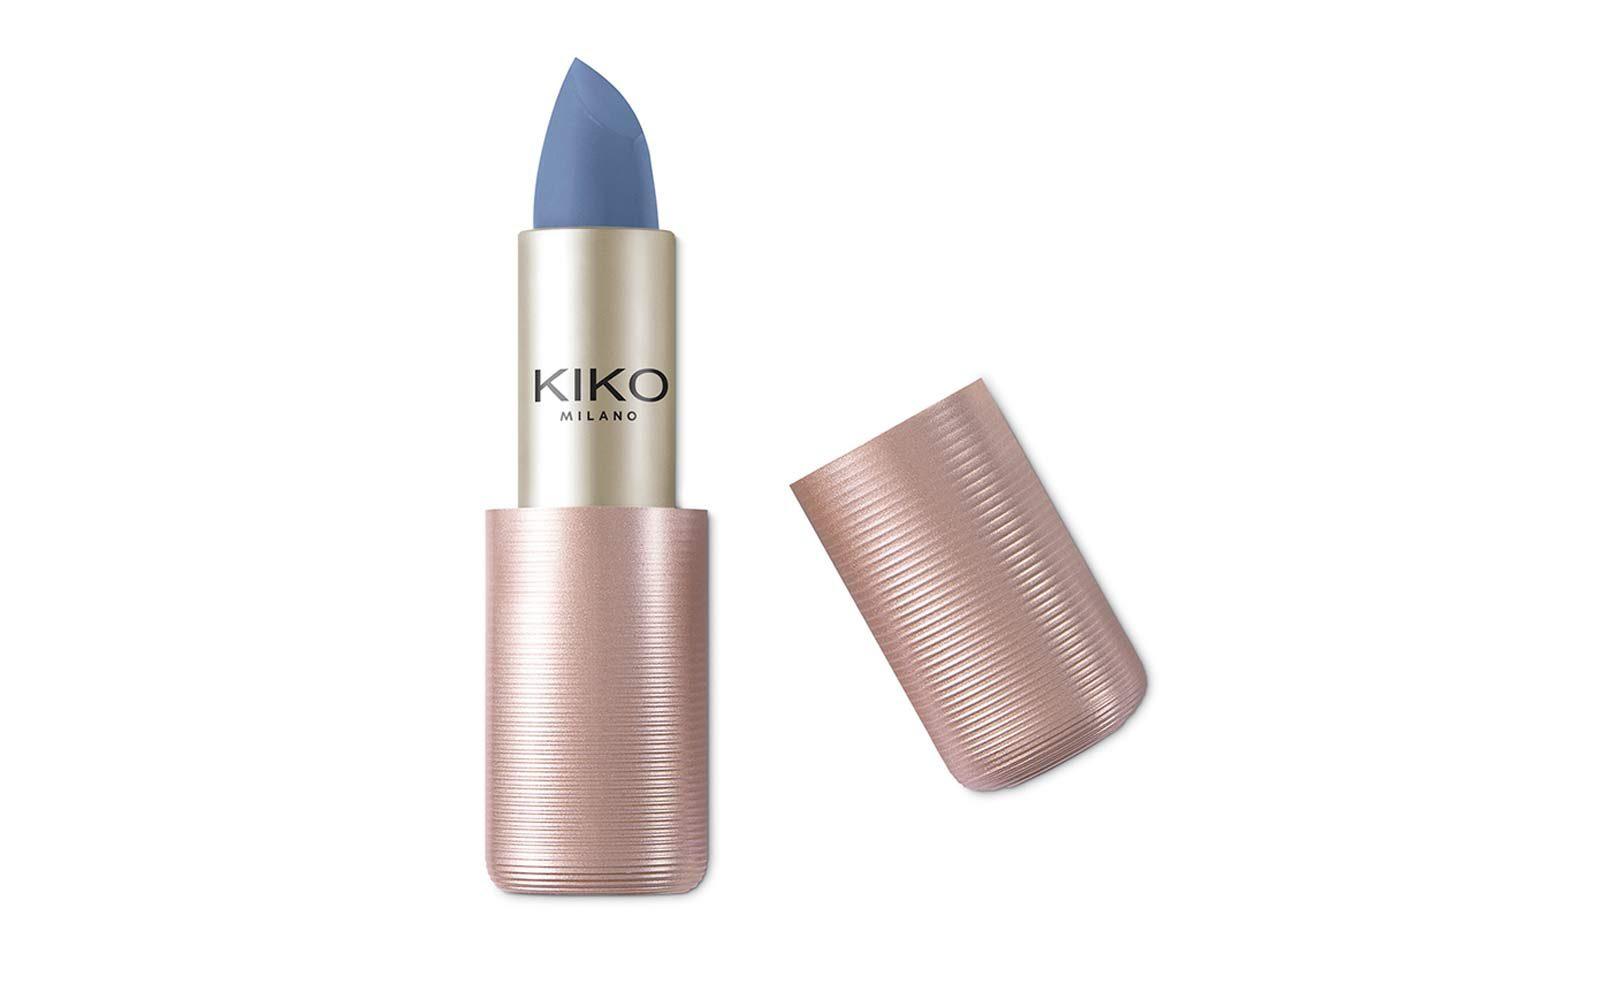 Kiko – rossetto blu-viola effetto matt (euro 10,35)